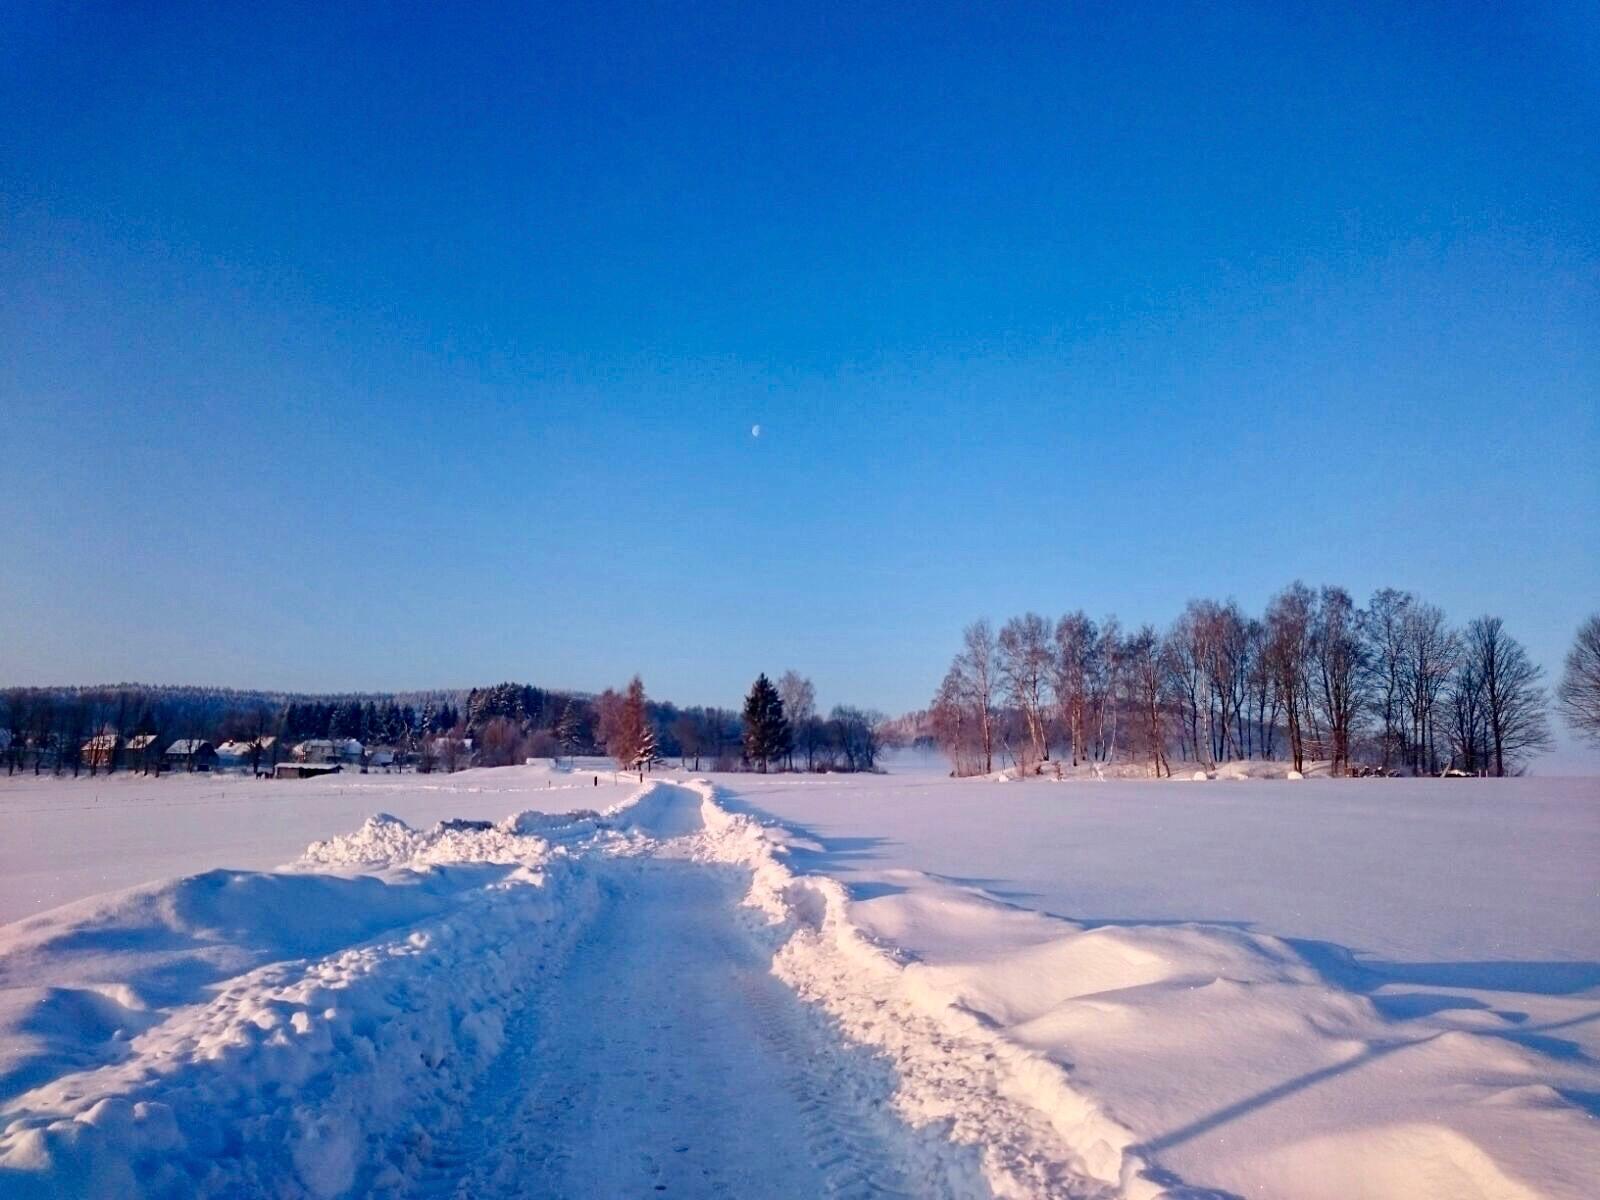 Albernau-winter-erzgebirge-schnee-snow